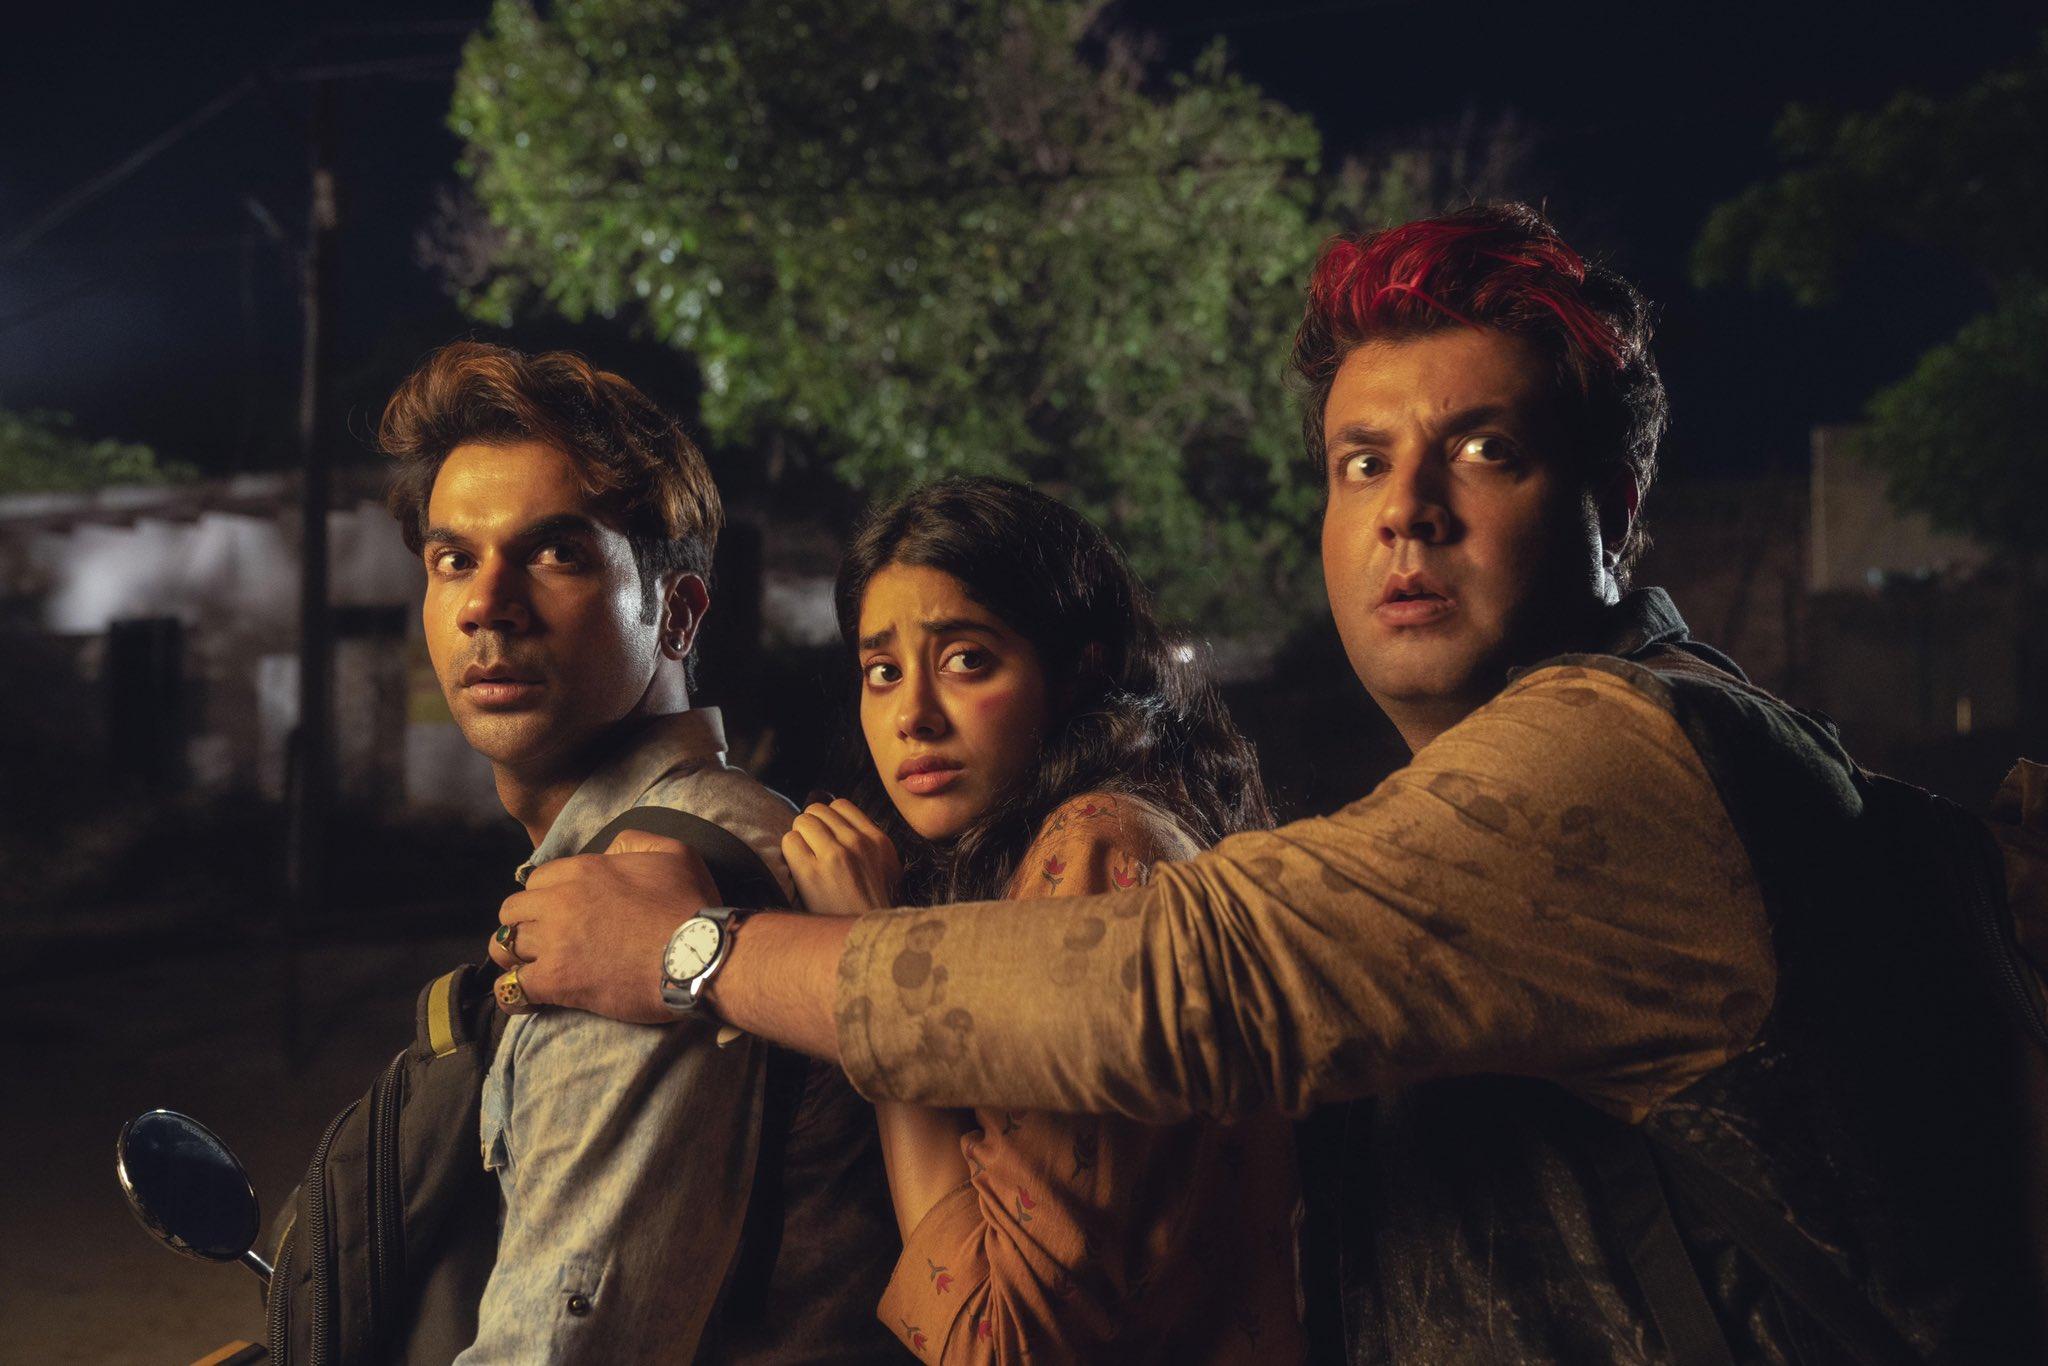 फिल्म 'रूही' के एक सीन में राजकुमार राव, जाह्नवी कपूर और वरुण शर्मा.